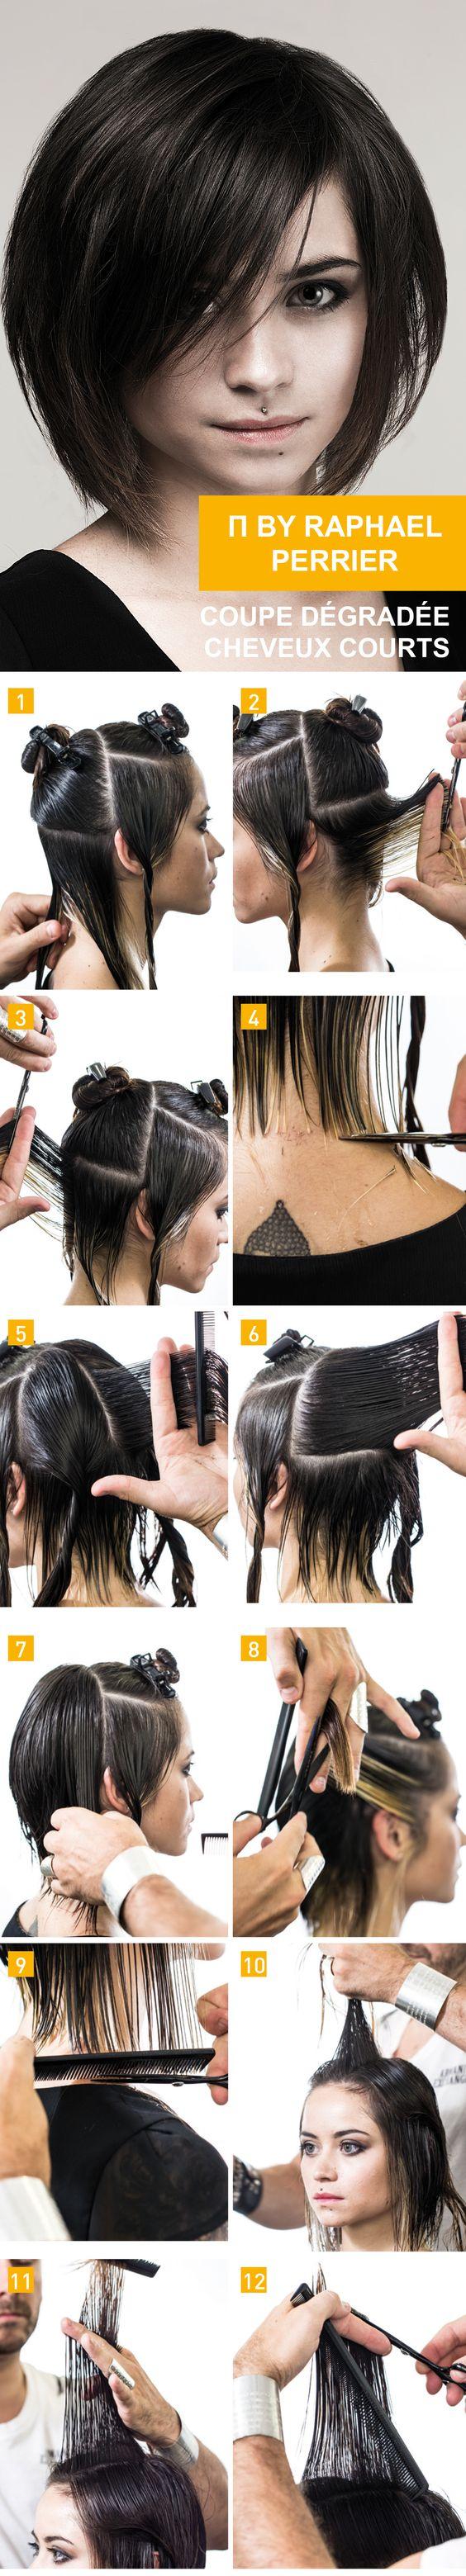 By raphael perrier coupe d grad e cheveux courts r alisation 25 minutes tutoriel coiffure - Pinterest coiffure femme ...